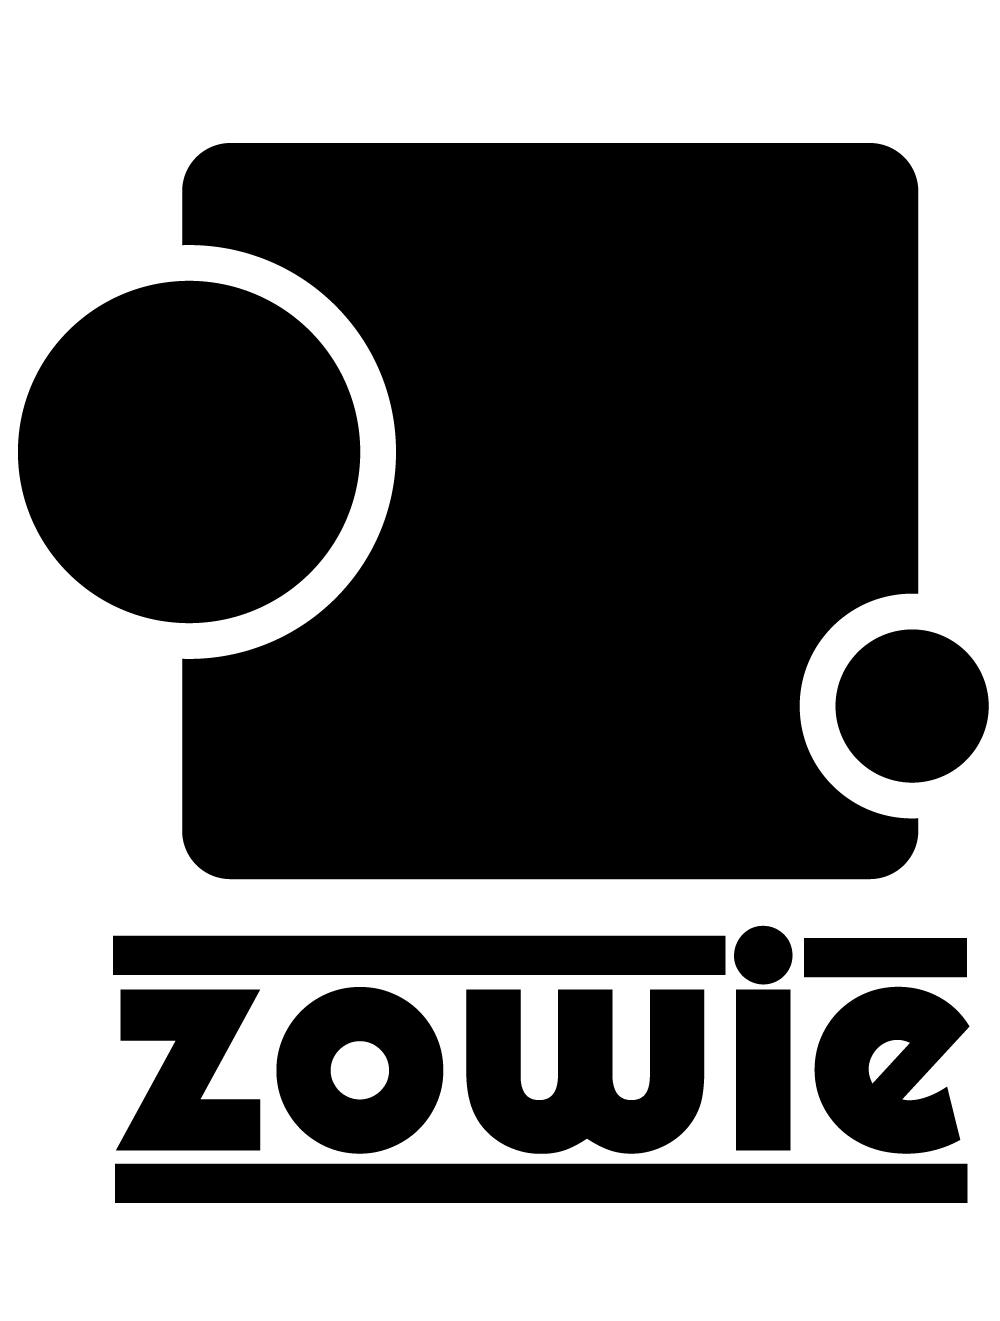 宣品Zowie_LOGO.jpg